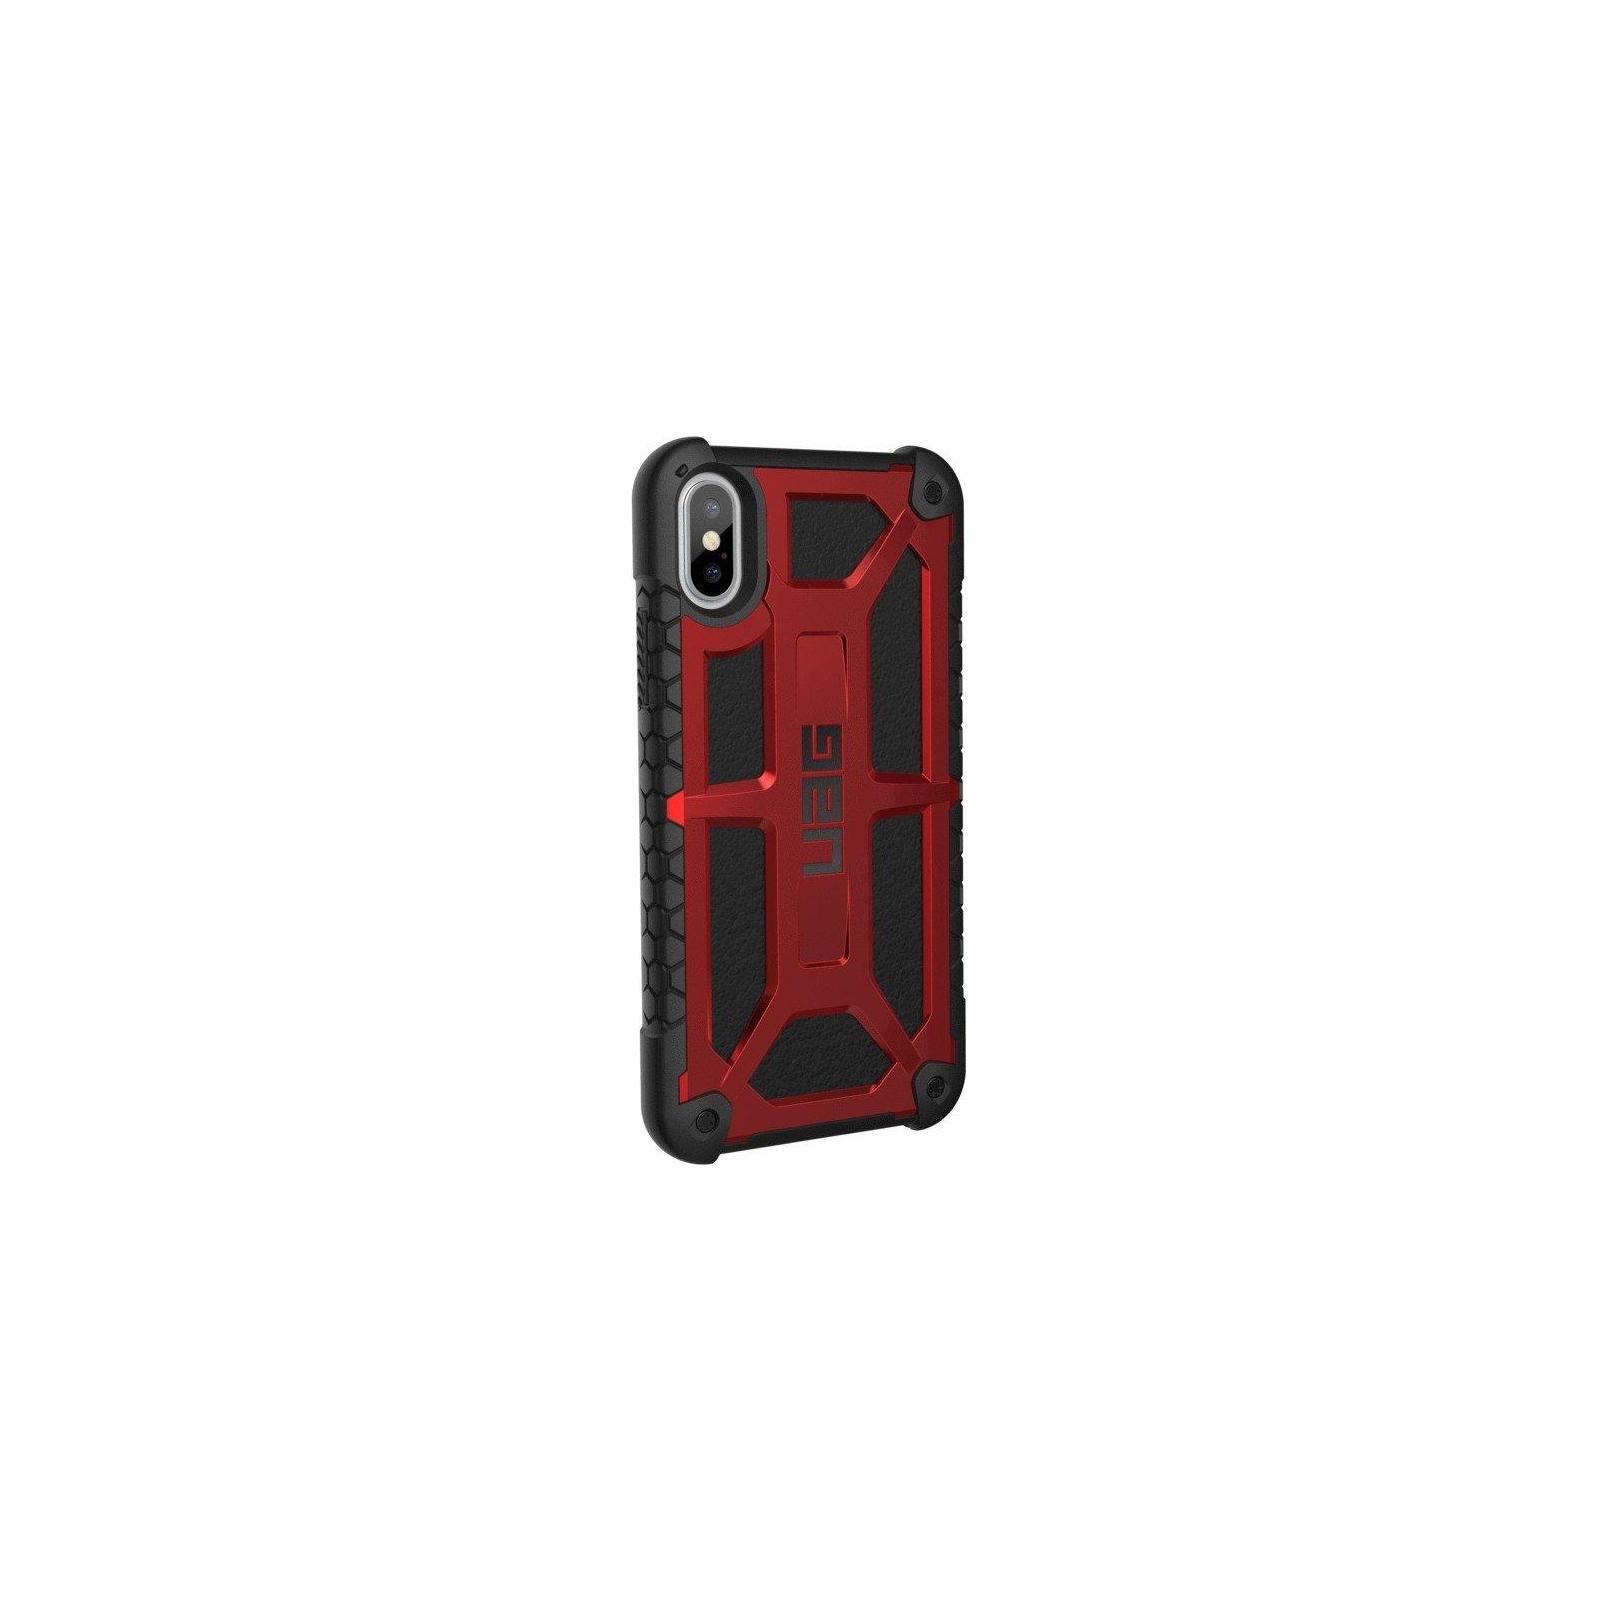 Чехол для моб. телефона Urban Armor Gear iPhone X Monarch Crimson (IPHX-M-CR) изображение 4